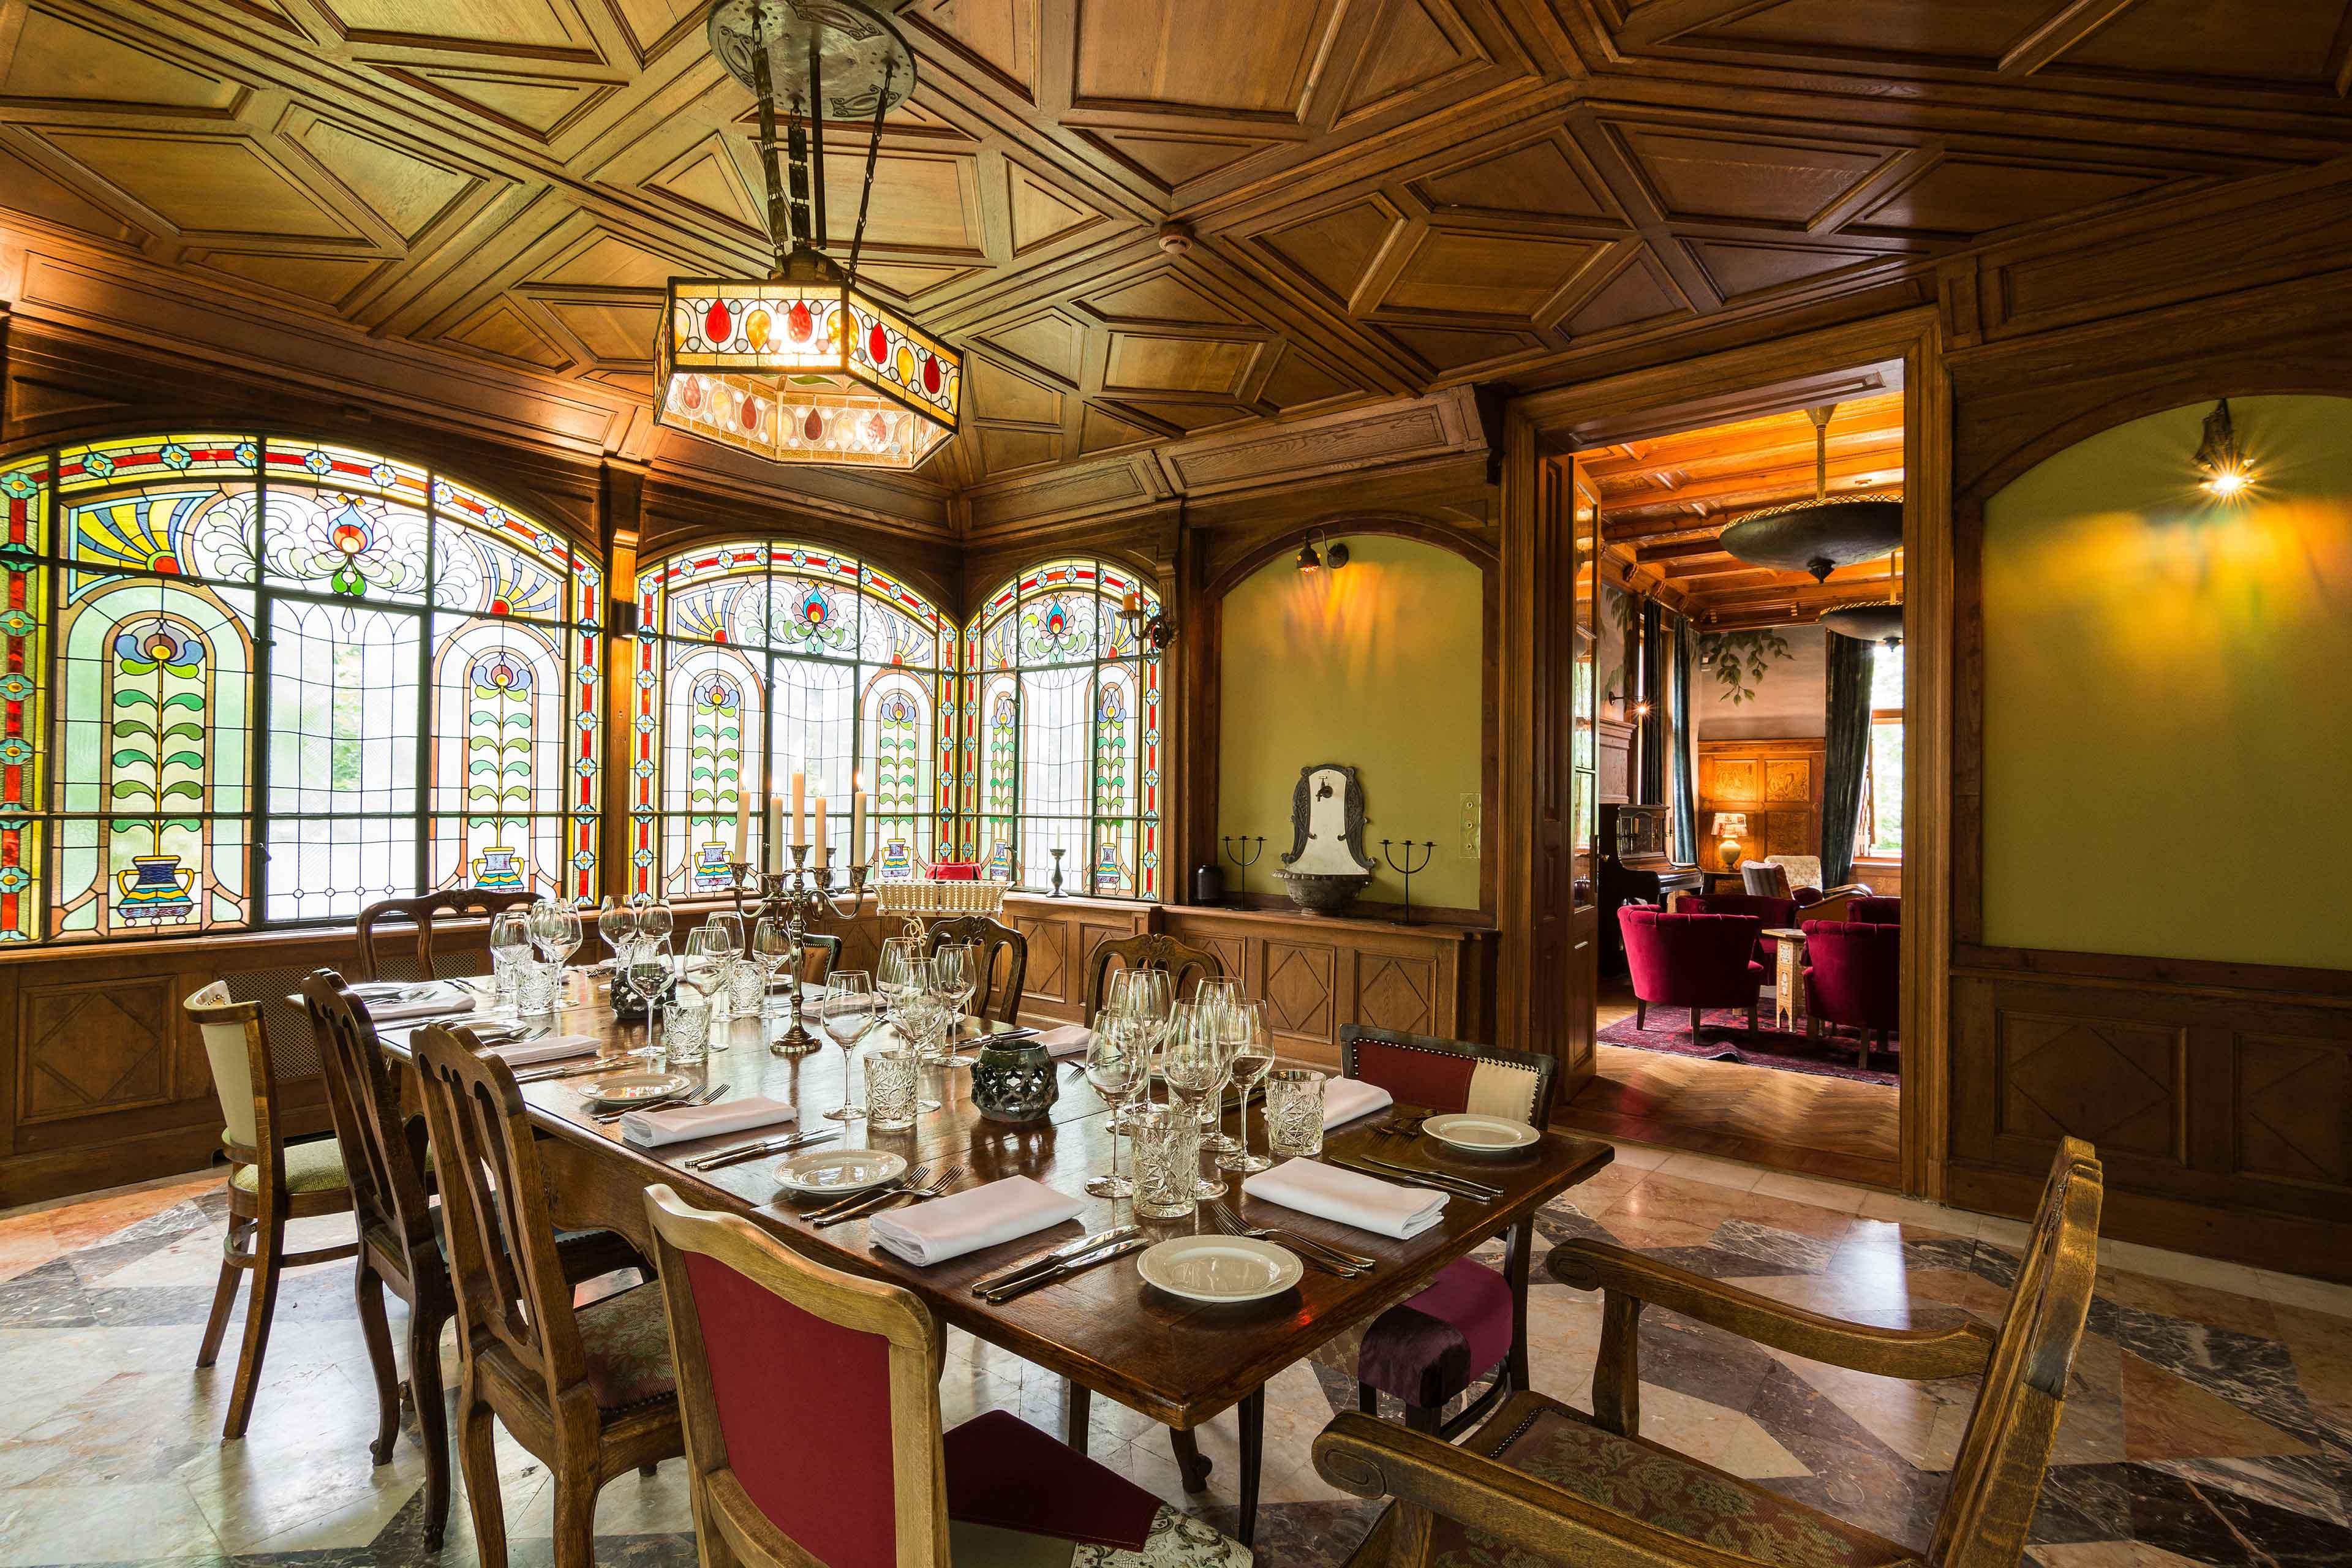 为汉普顿的客人提供了豪华的住宿和劳勃·史塔克,以及理查德·班纳特先生